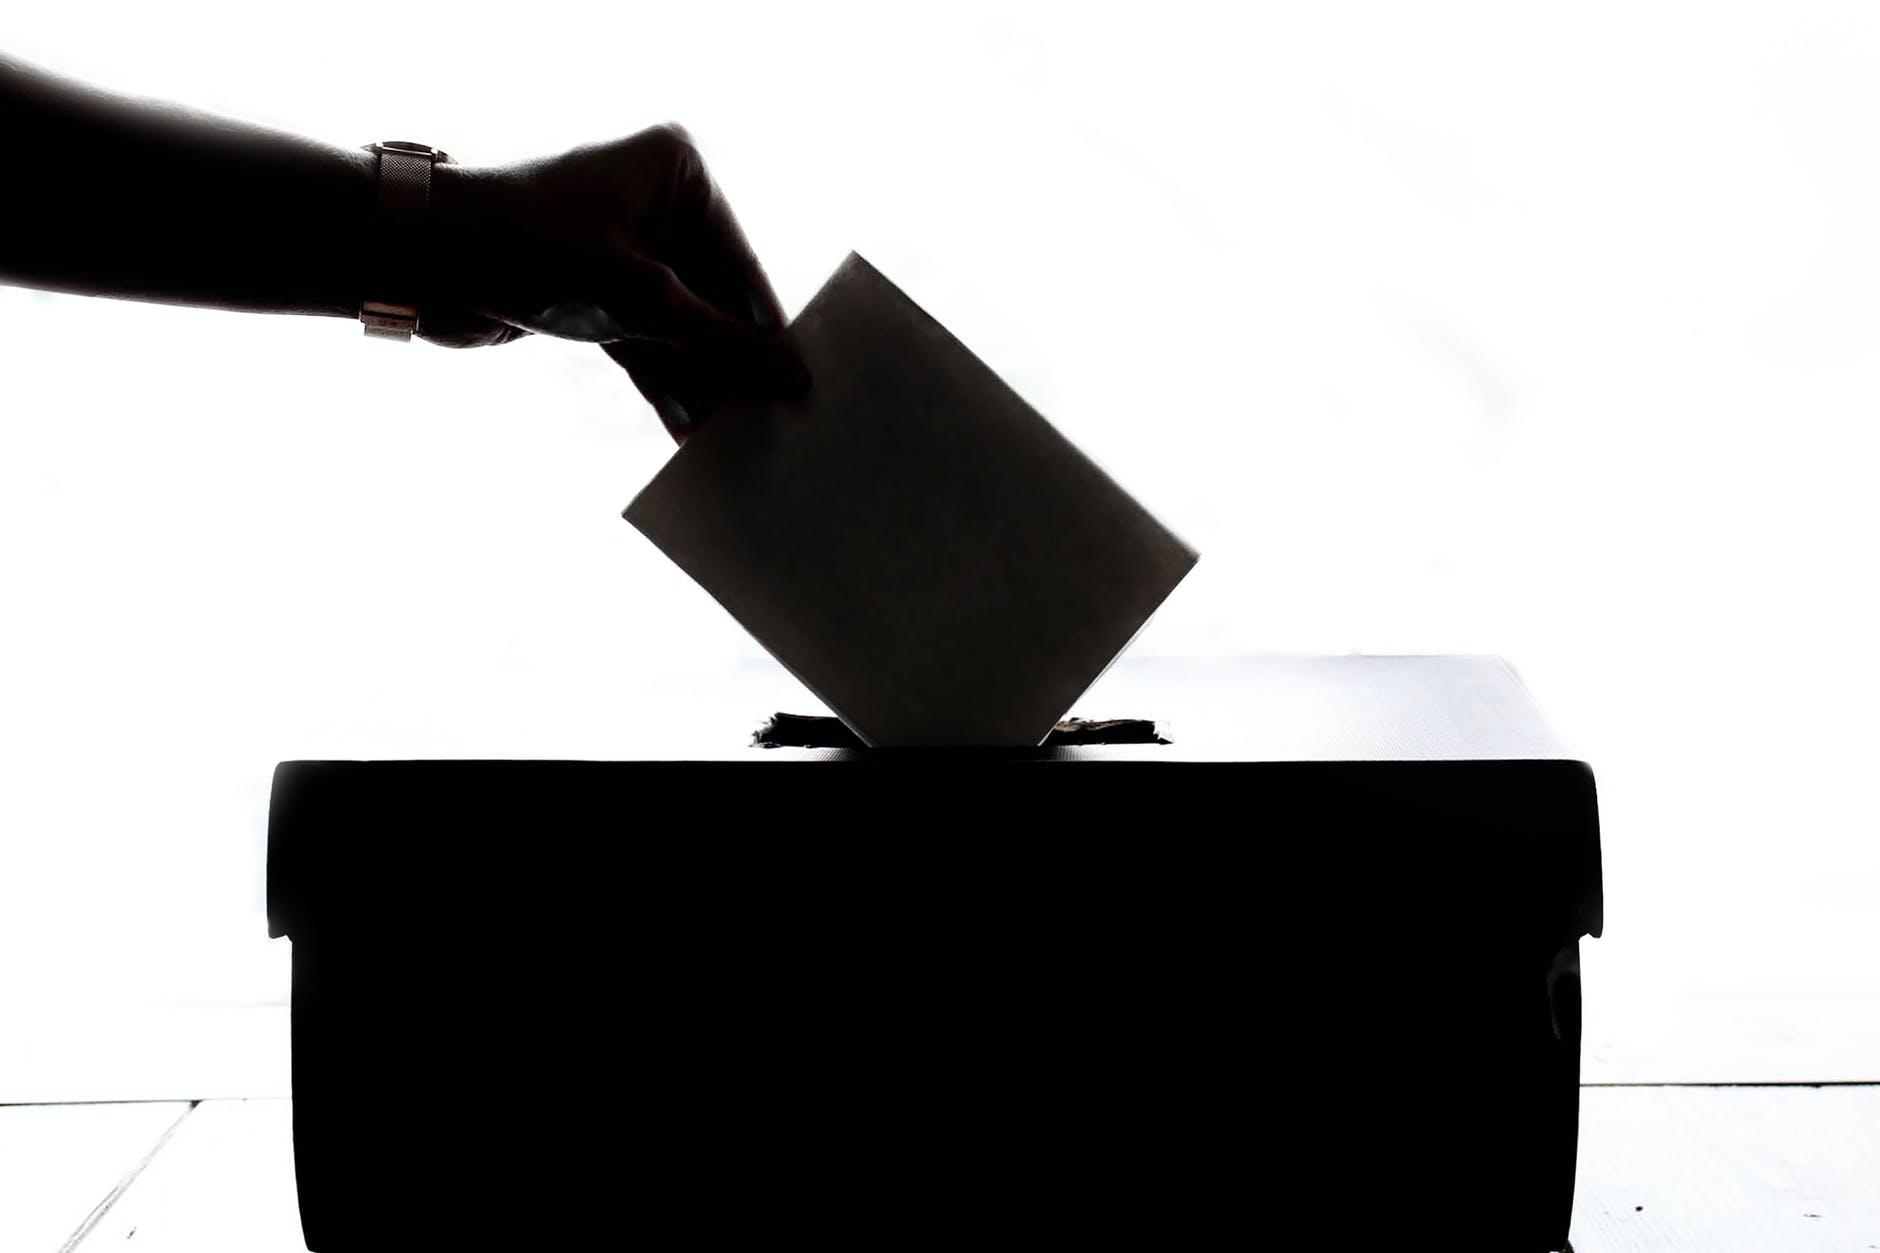 Drei Faktoren sollen Demokratiemüdigkeit begünstigen